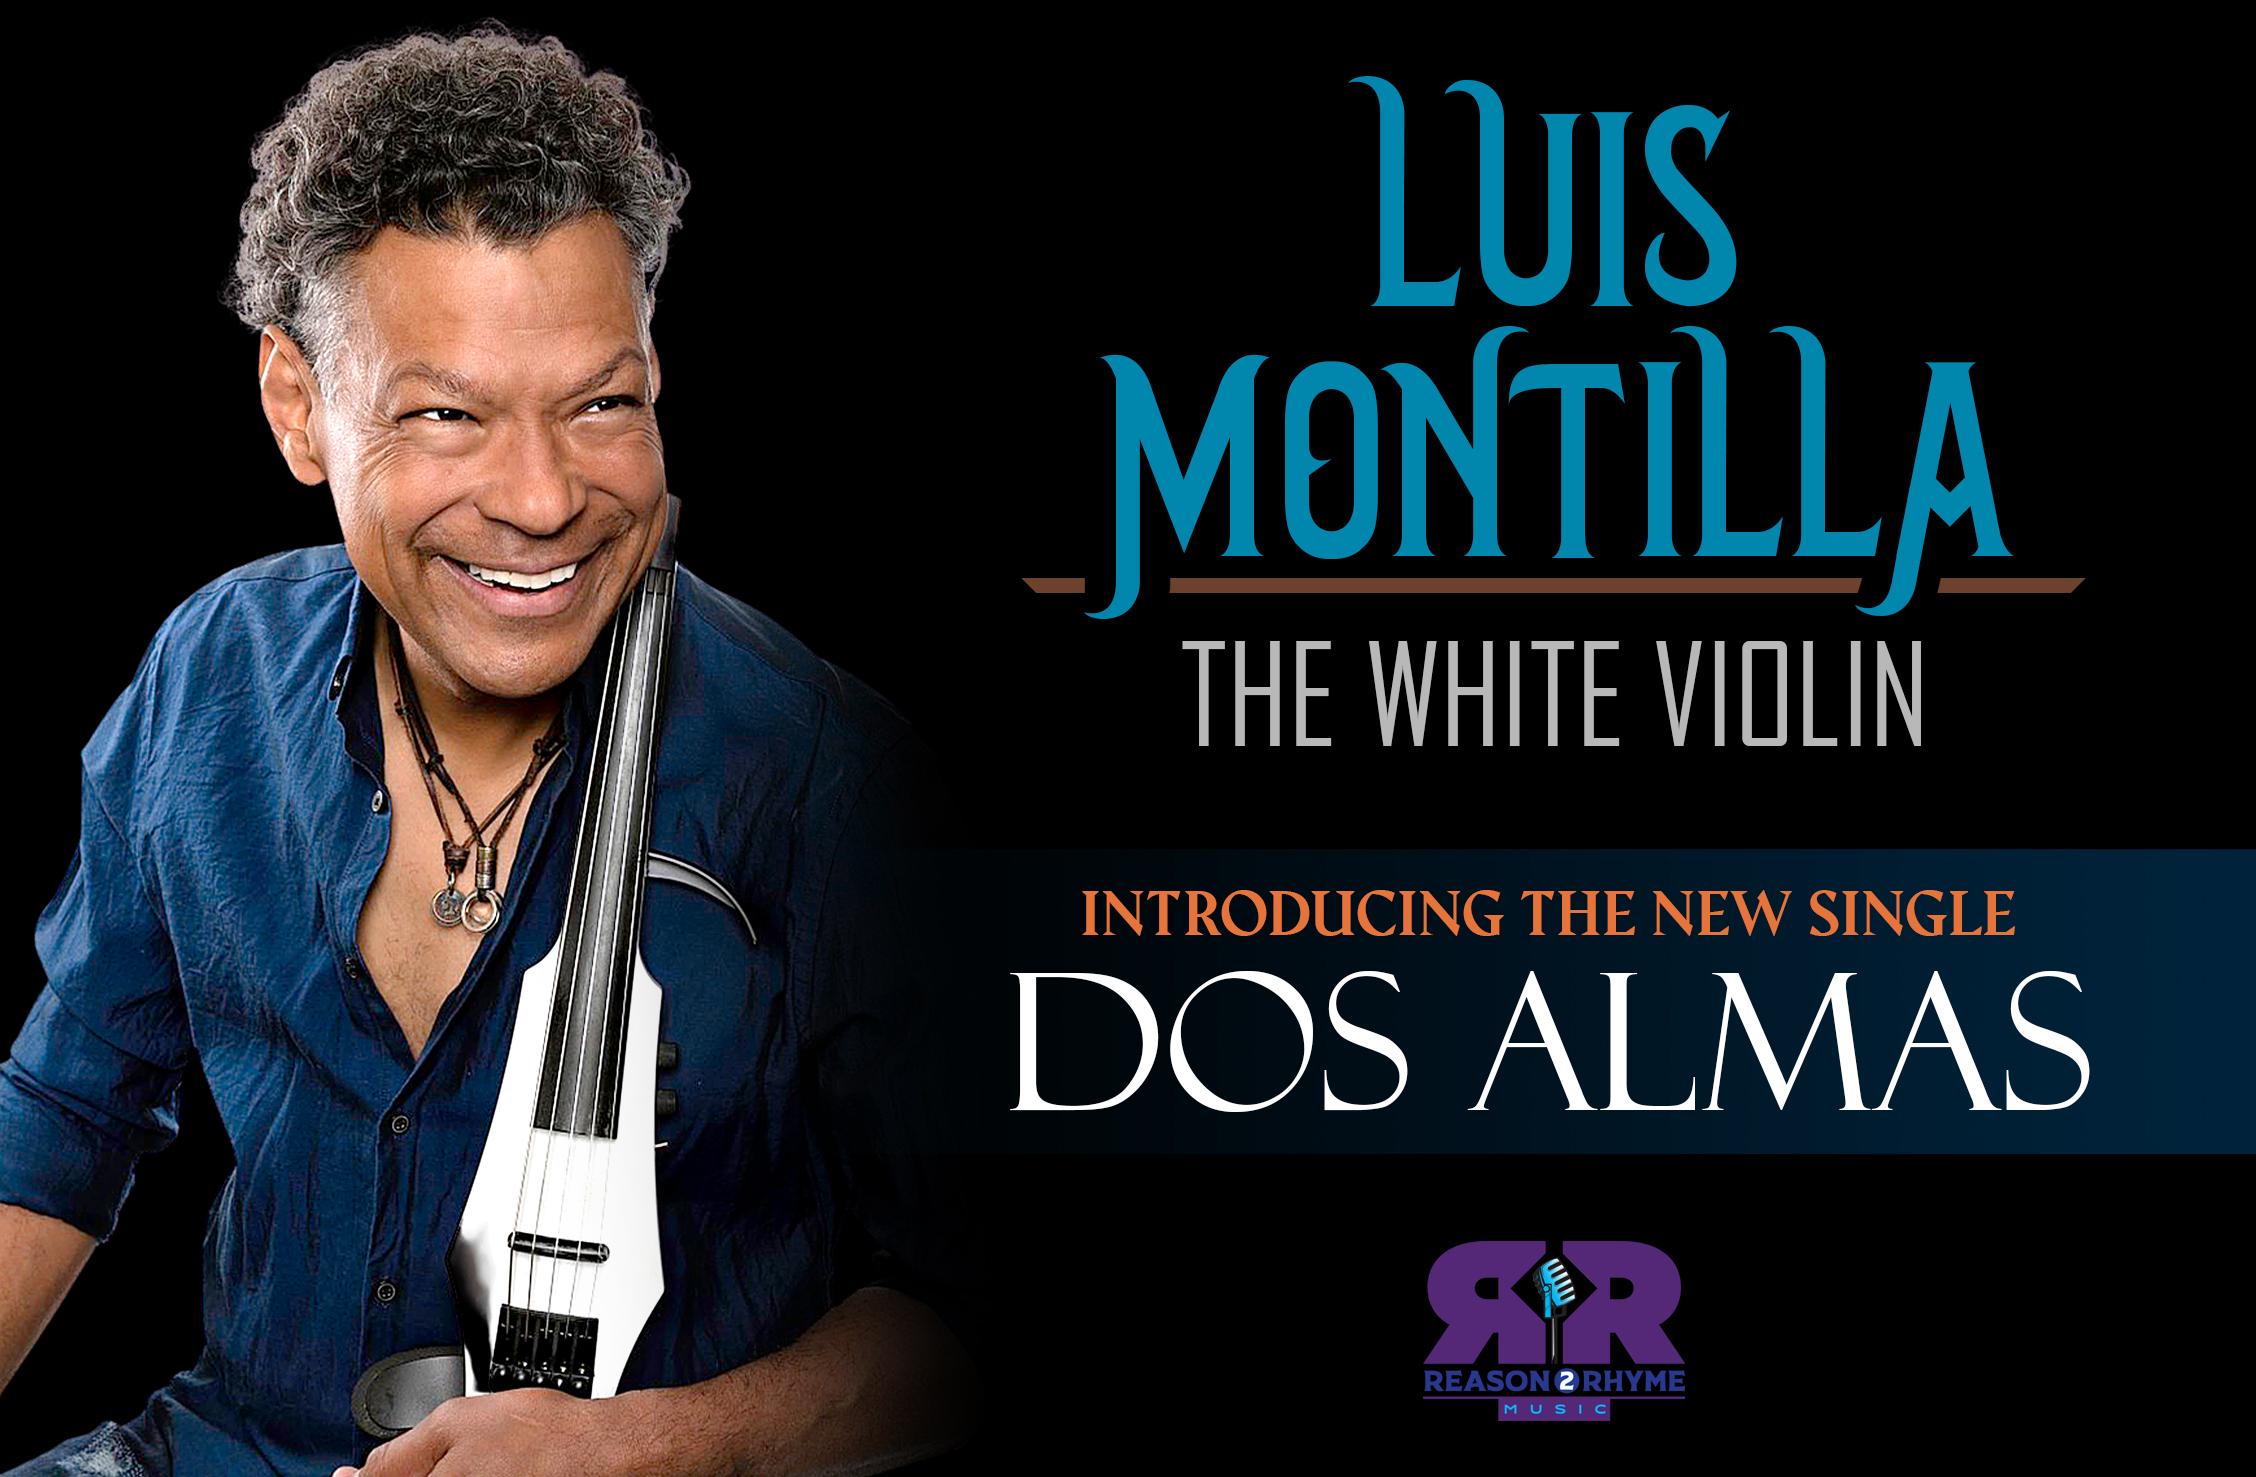 Luis Montilla - The White Violin